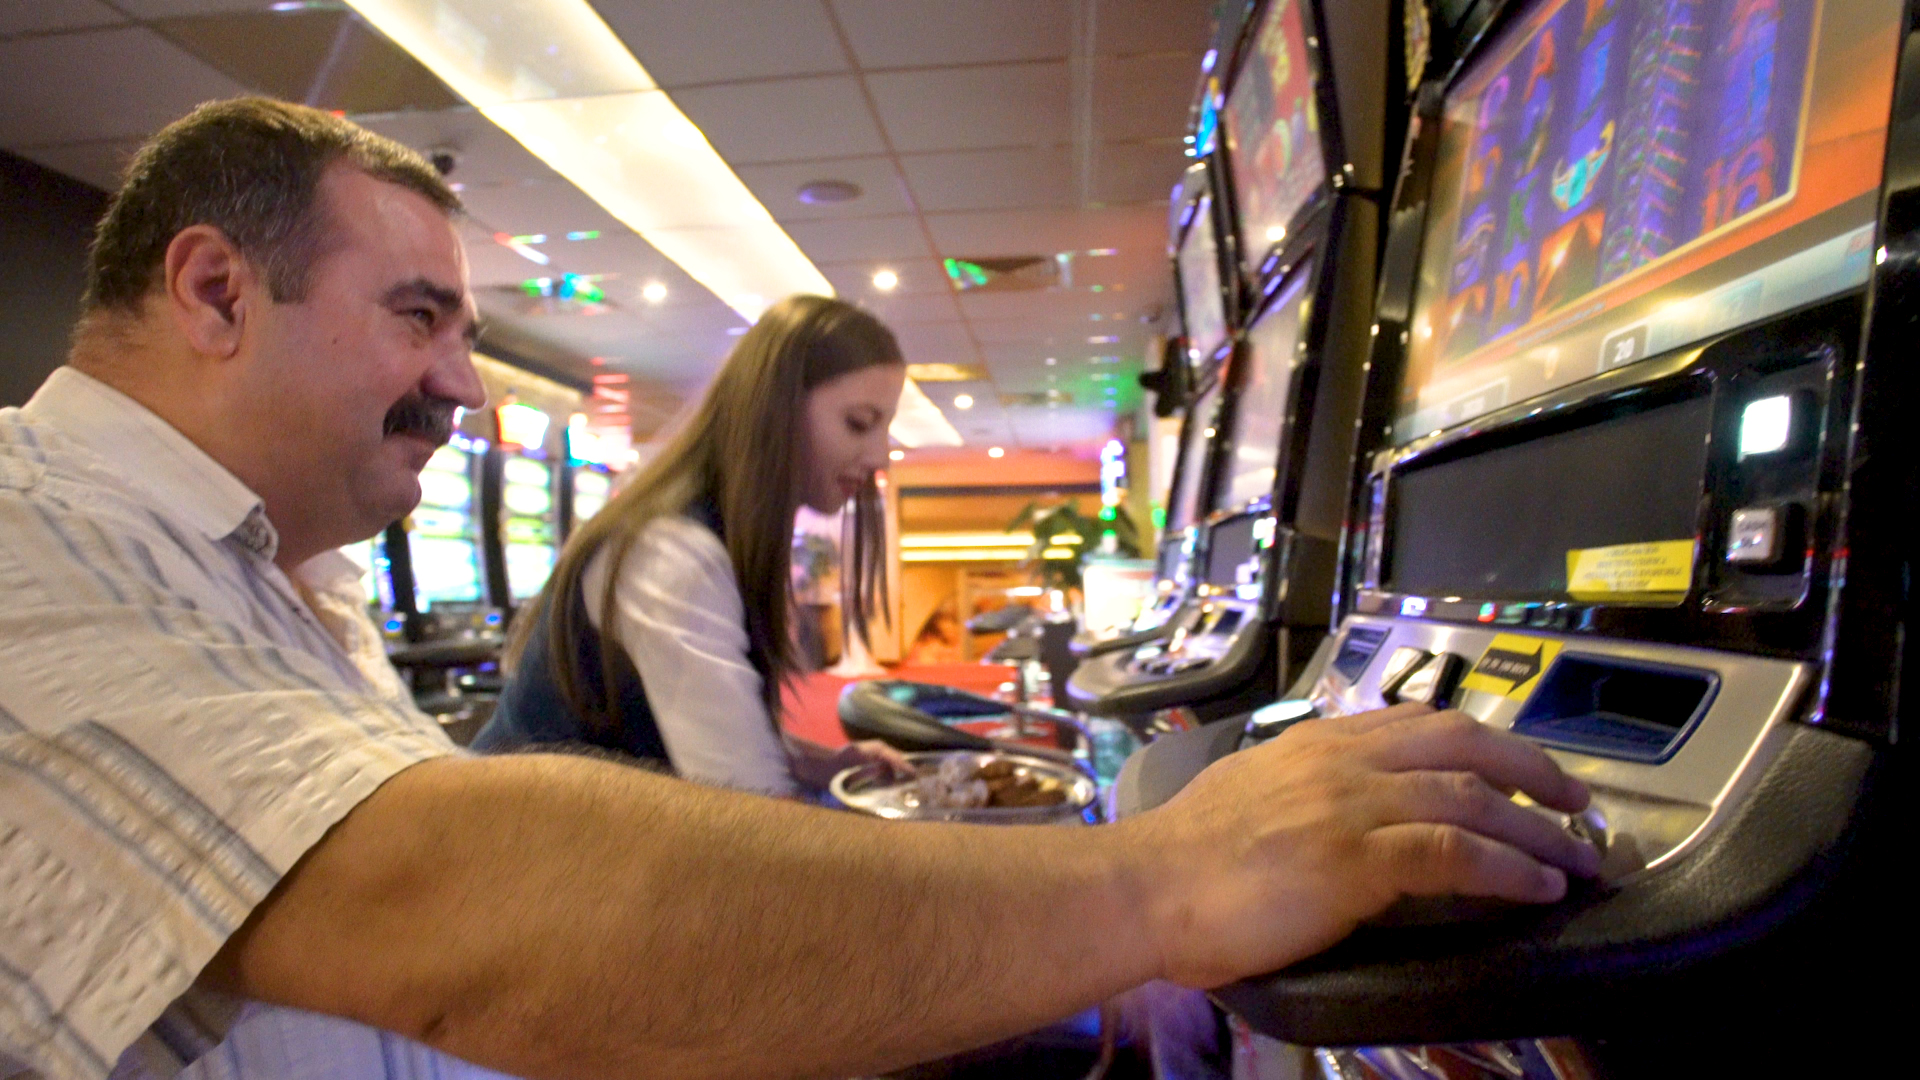 Jocul de noroc ca formă de divertisment. Uite că se poate!